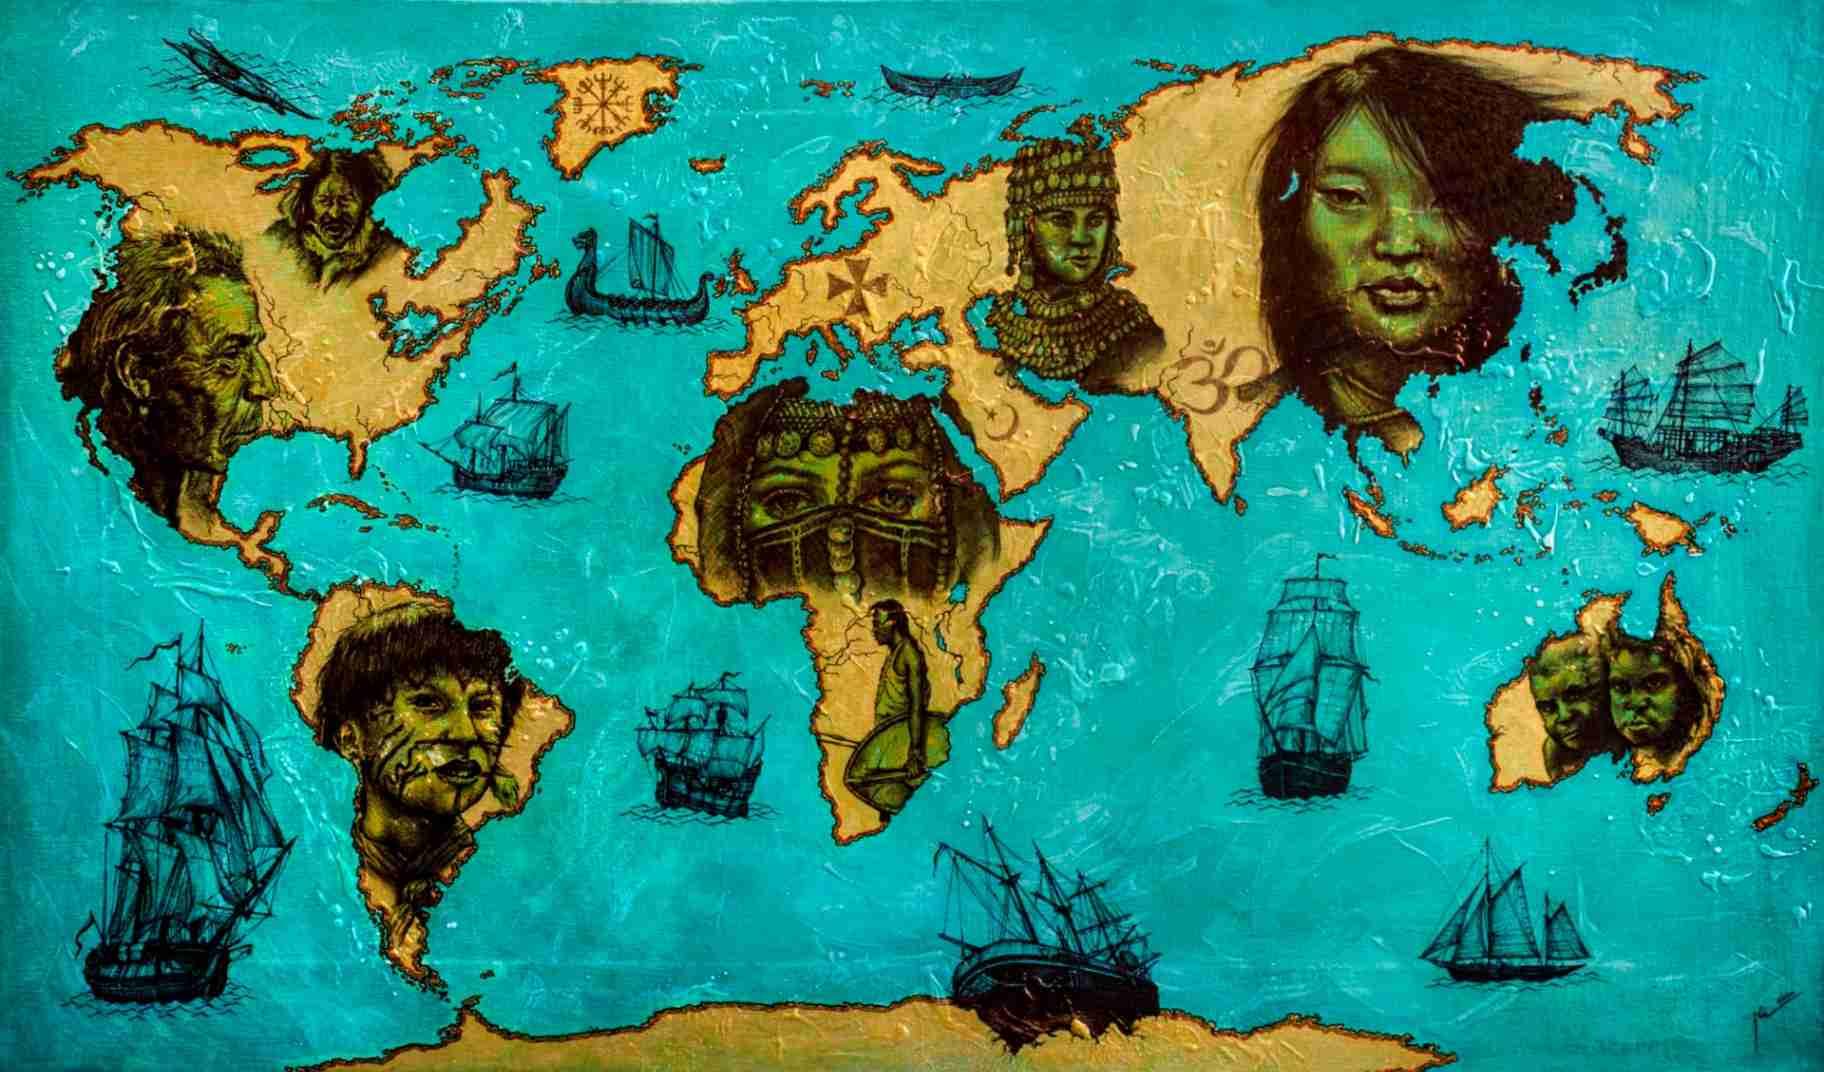 Obra: Human World